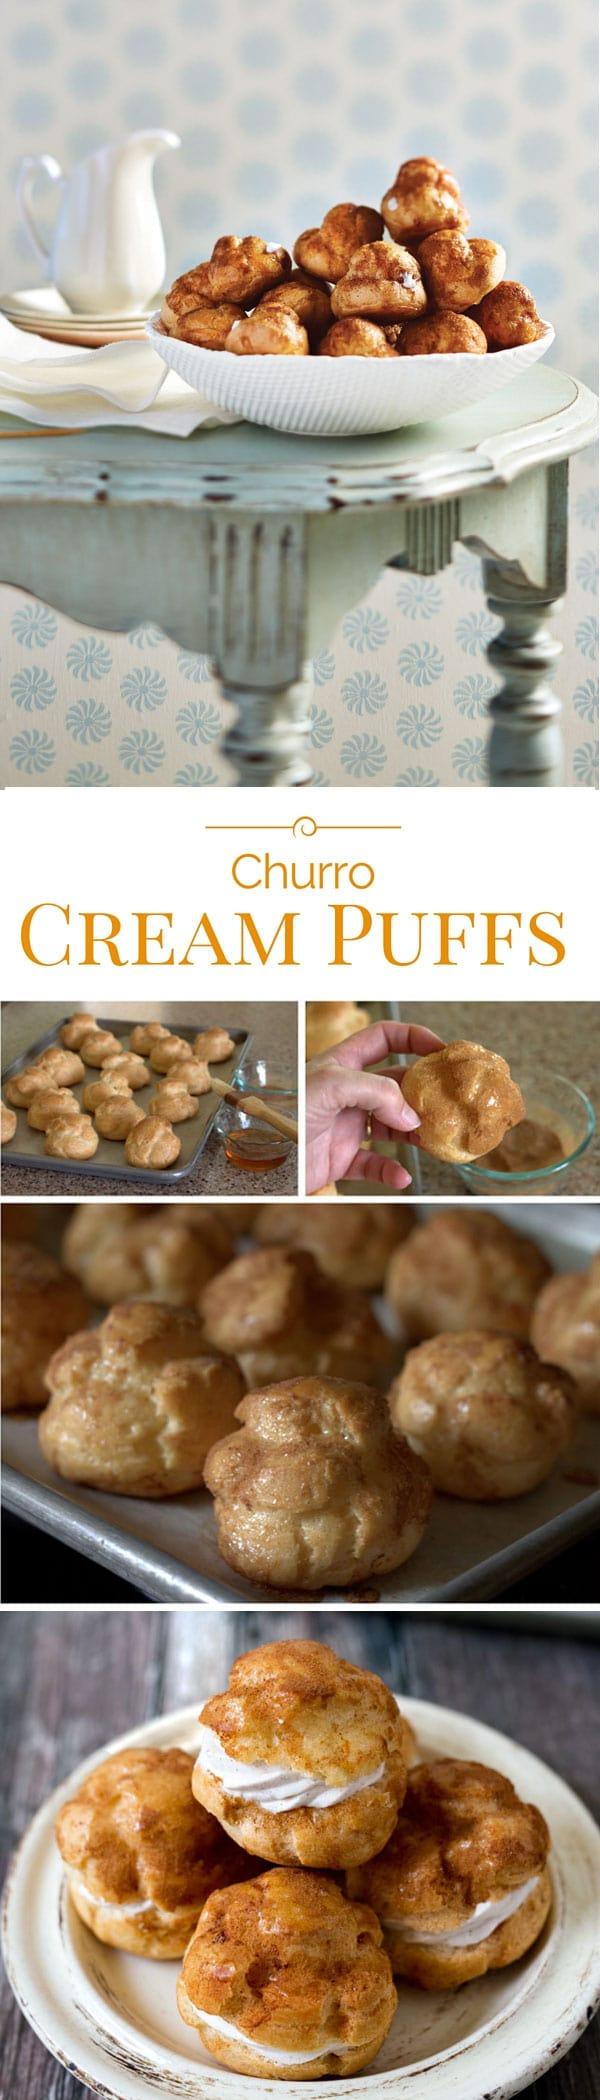 Churo-Cream-Puffs_SS_DreamPuffs-Collage